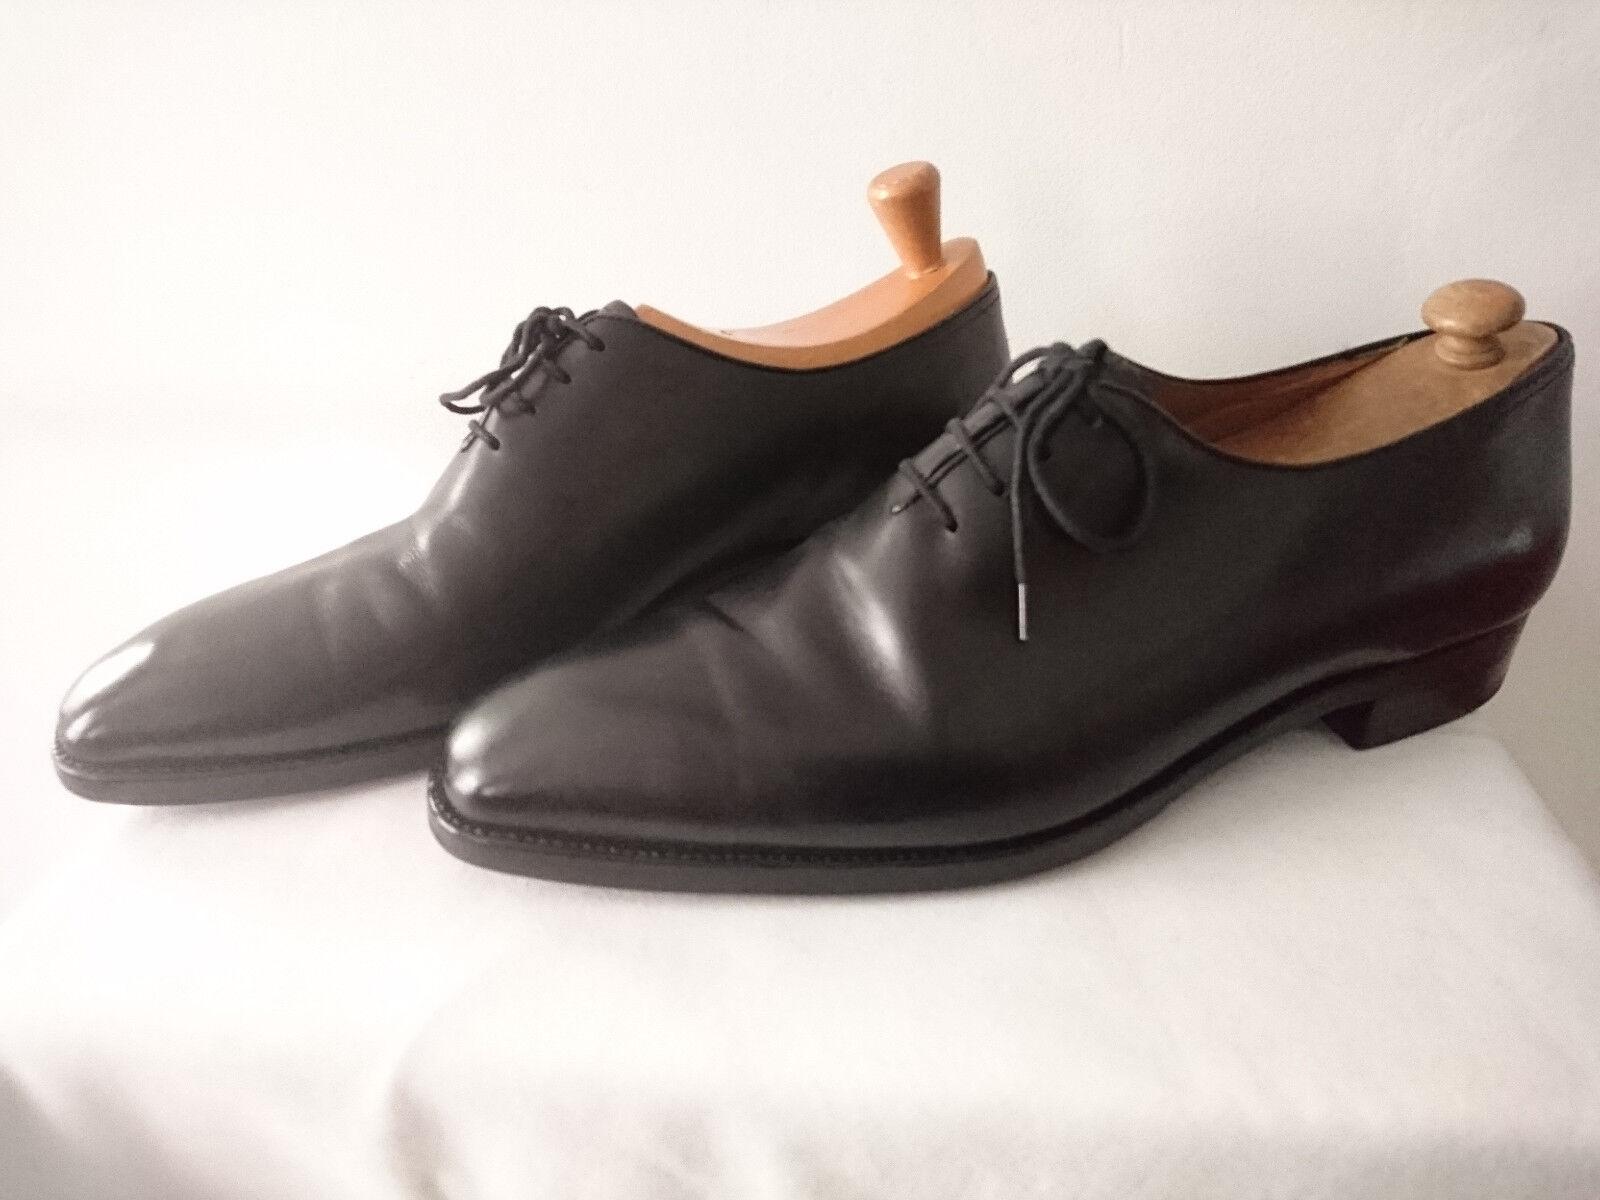 Herren Schuhe Schnürsenkel schwarz Jahre 2000